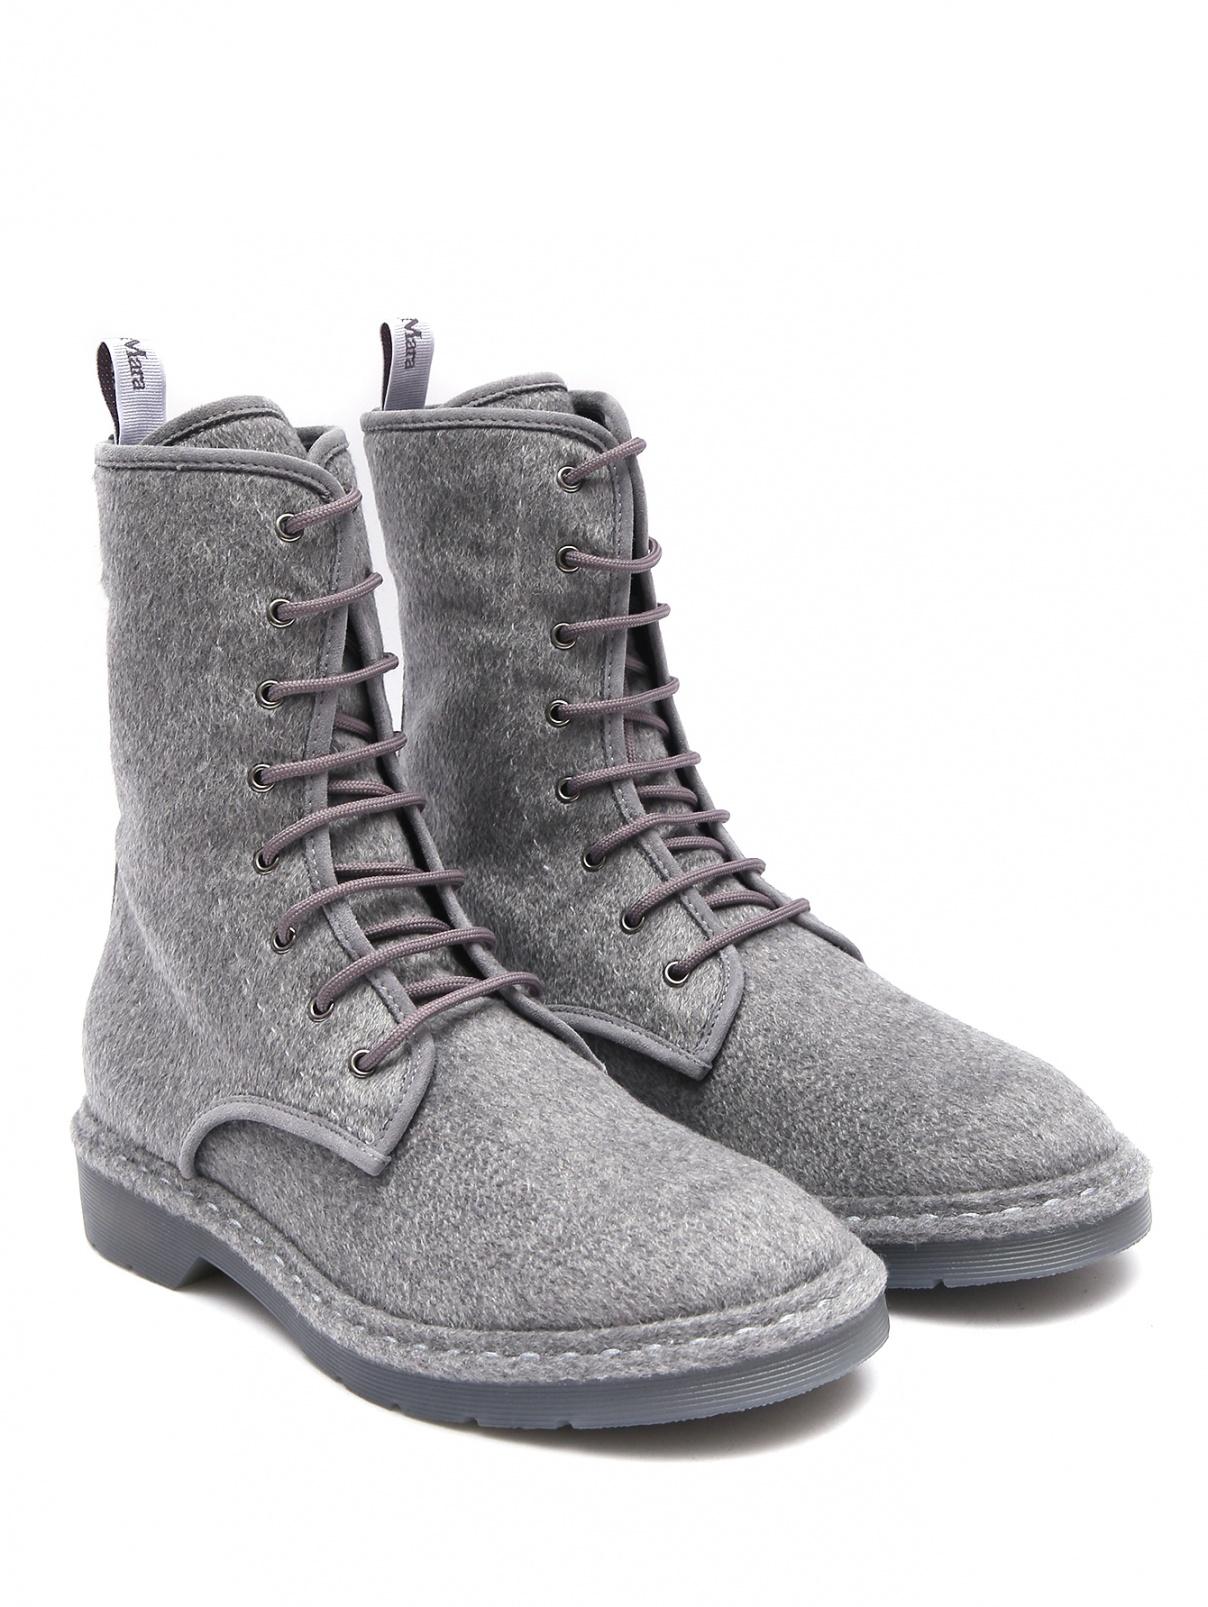 Высокие ботинки из кашемира на шнурках Max Mara  –  Общий вид